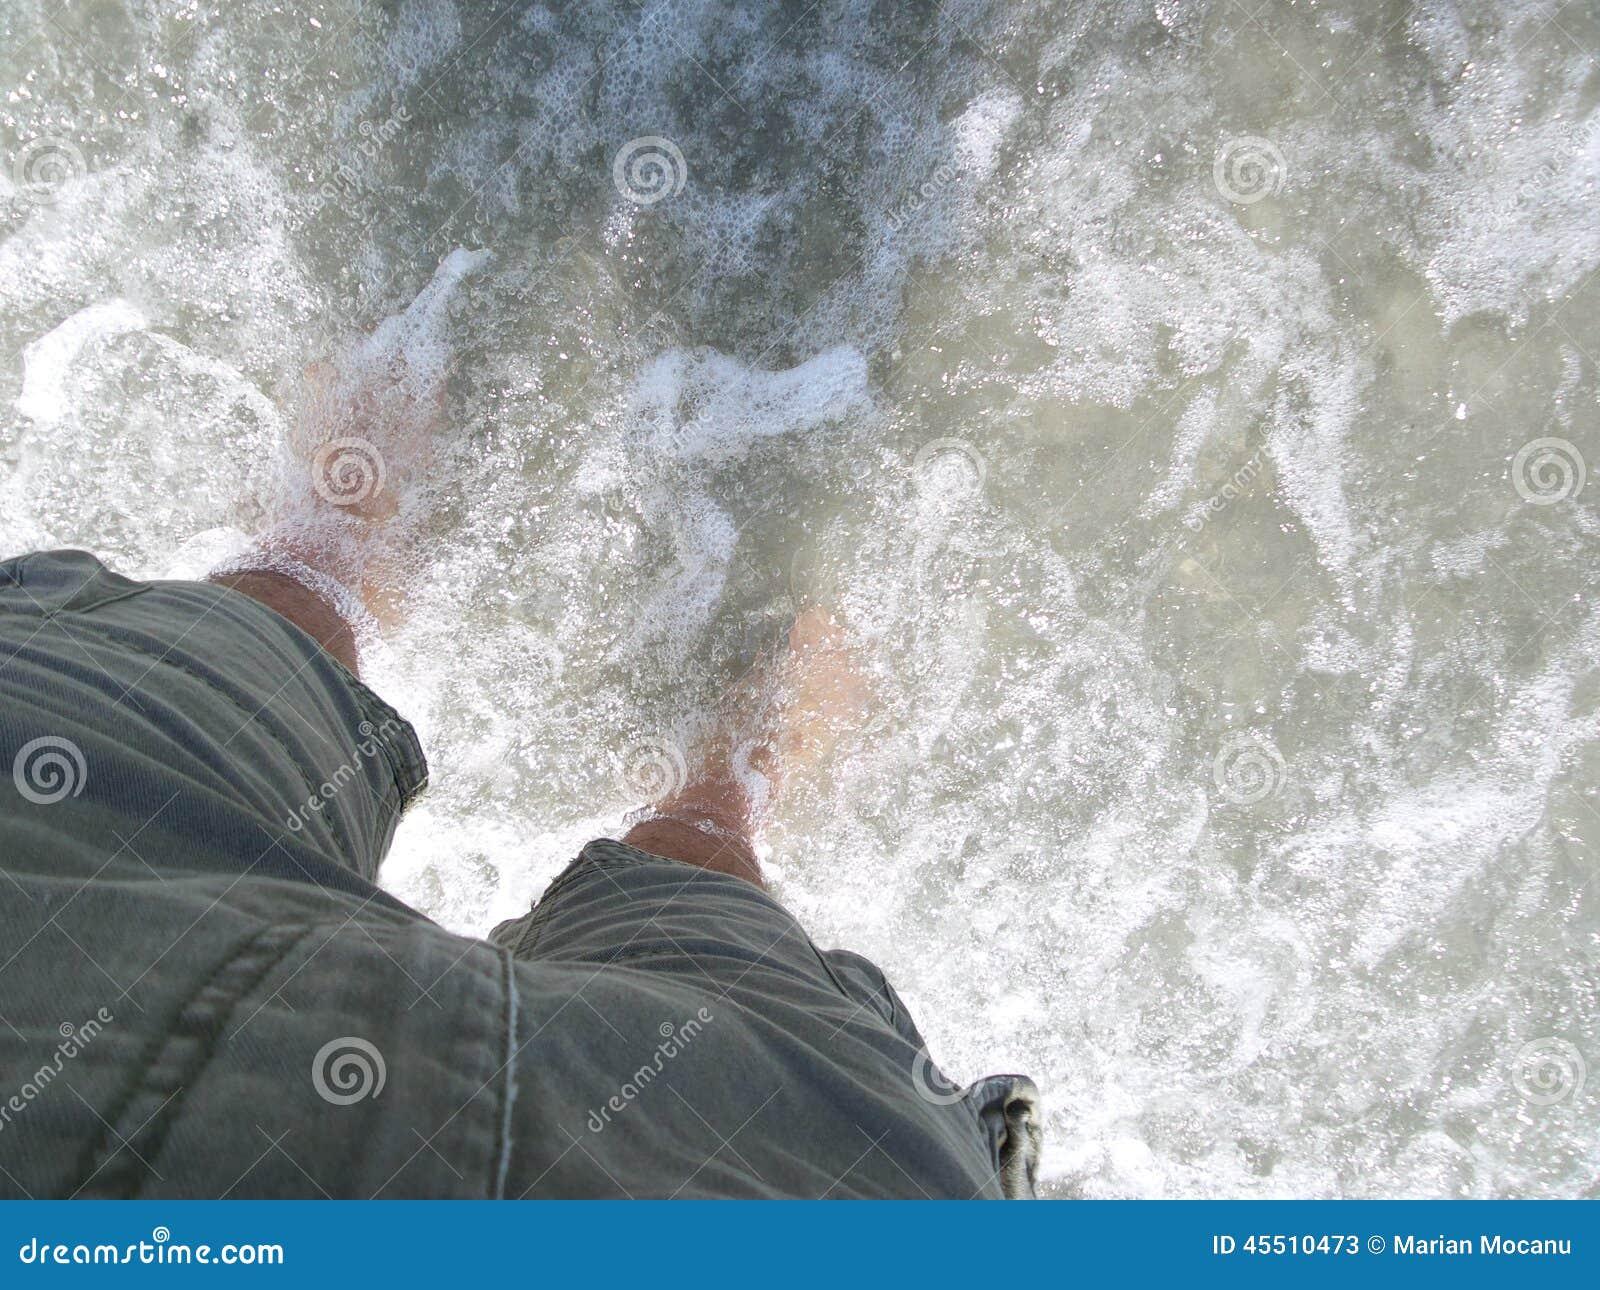 Mężczyzna zostaje w płytkiej wodzie w skrótach